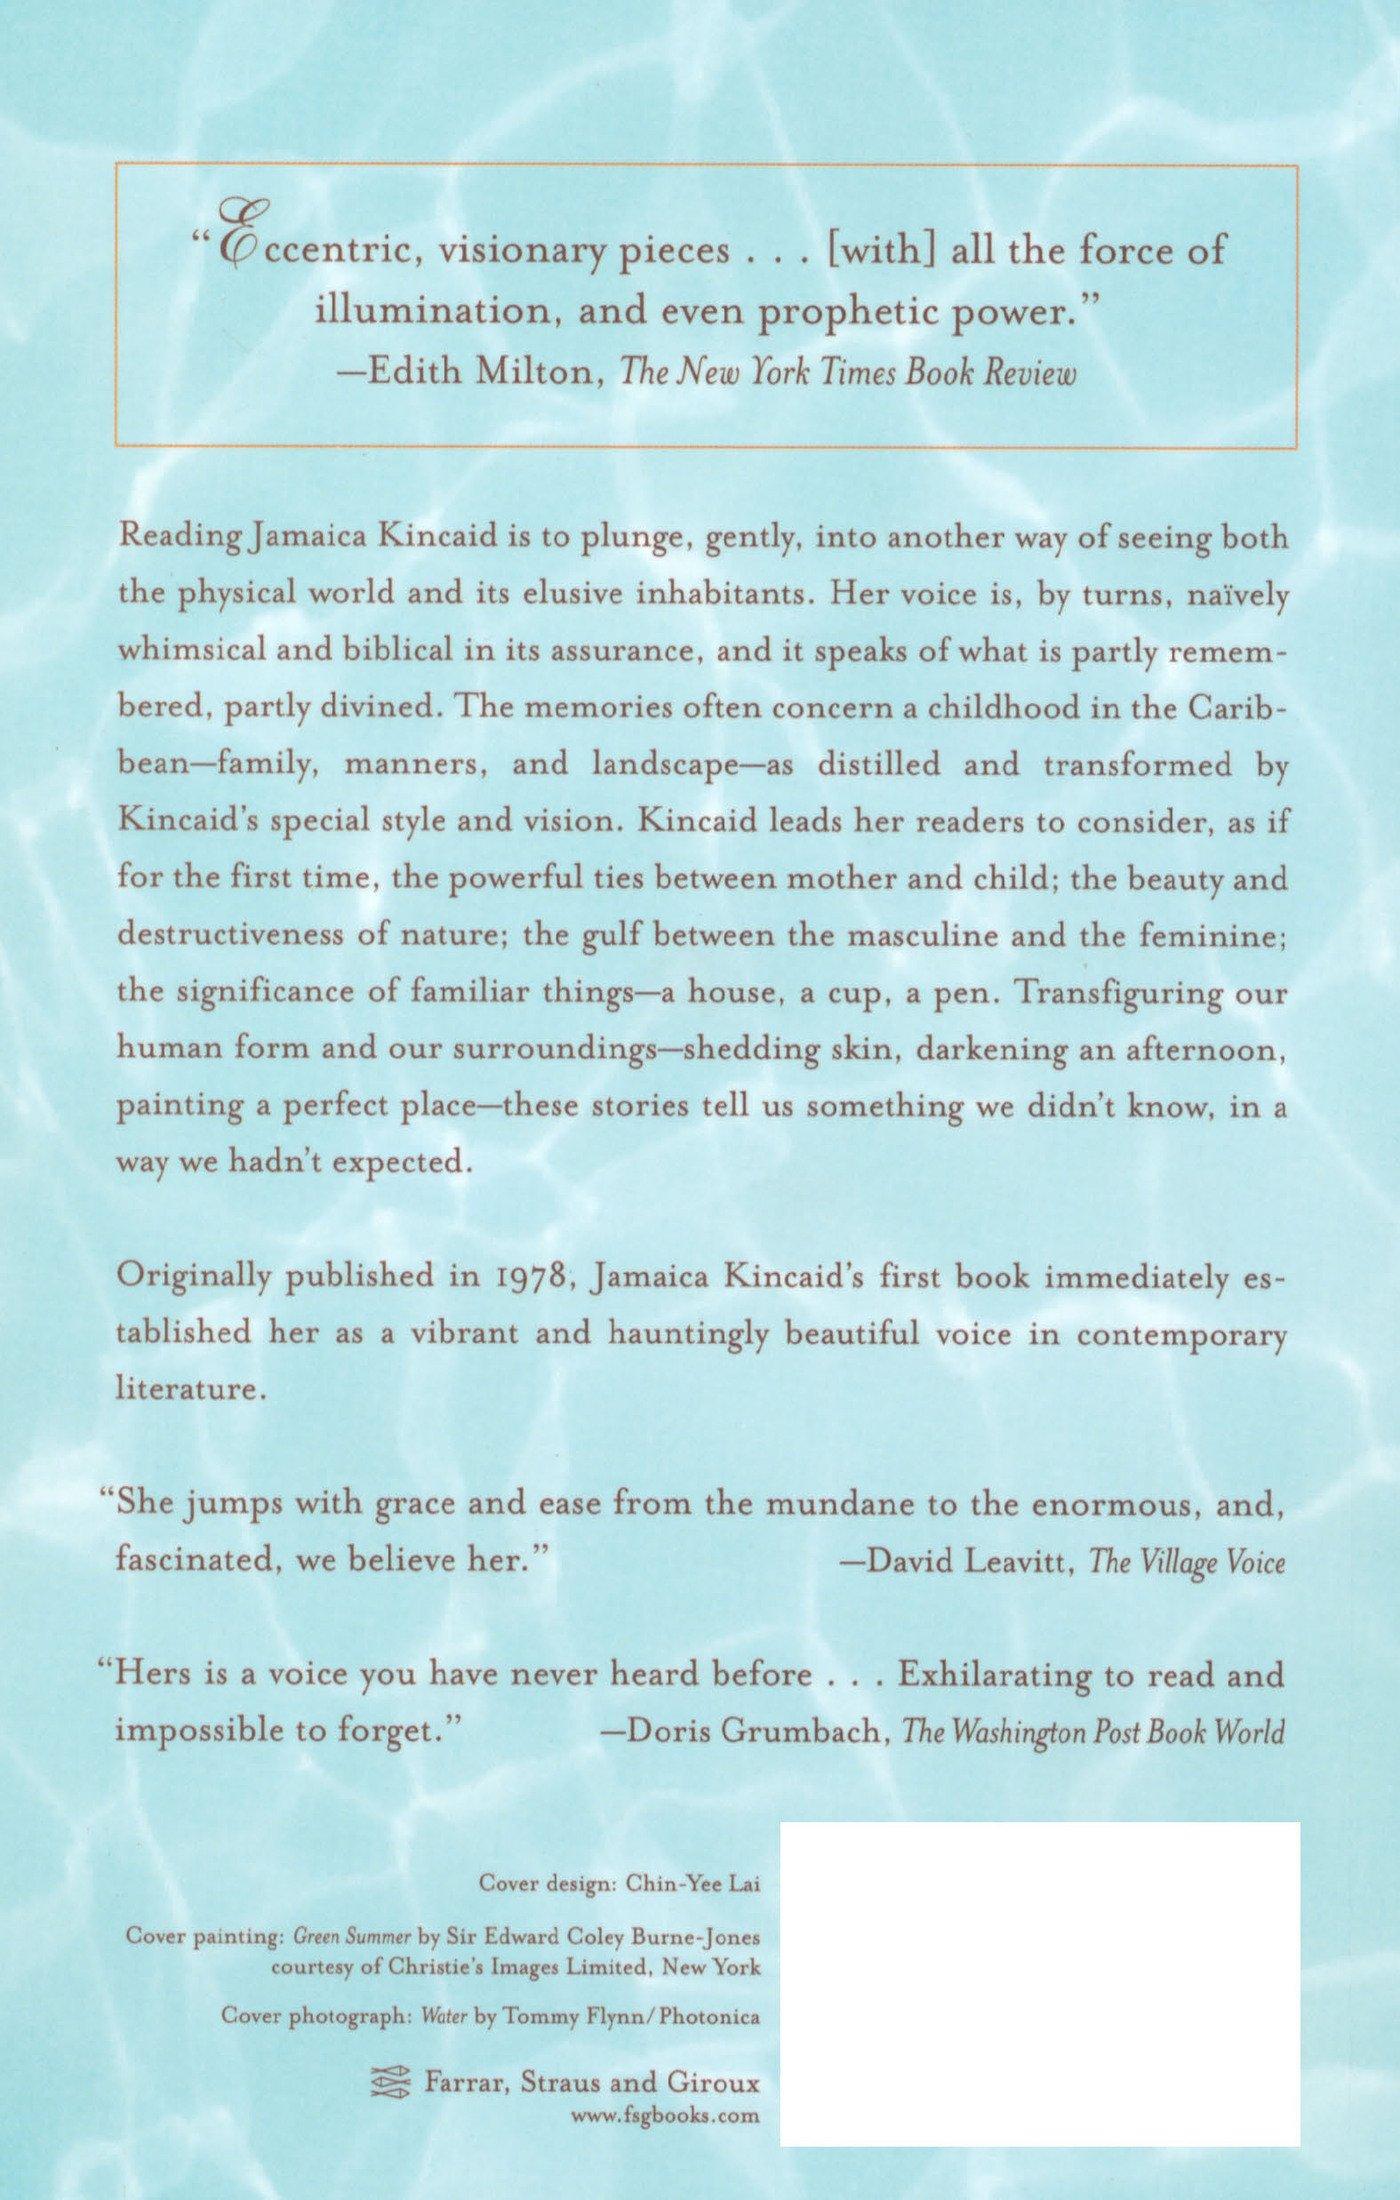 013 Essay Example Girl By Jamaica Kincaid Marvelous Full